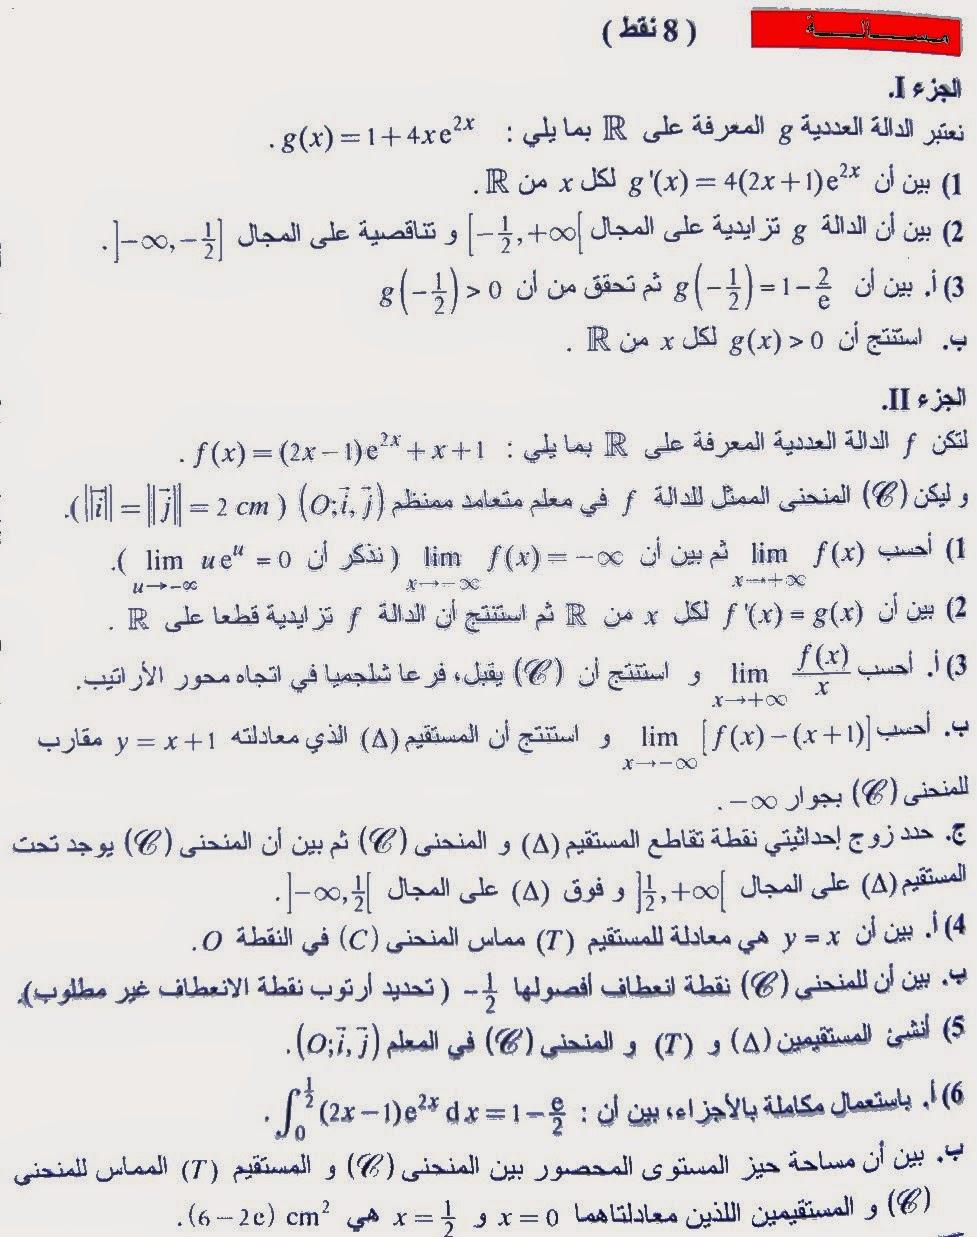 تصحيح مسألة حول دراسة الوال والتكامل من الامتحان الوطني لسنة 2010